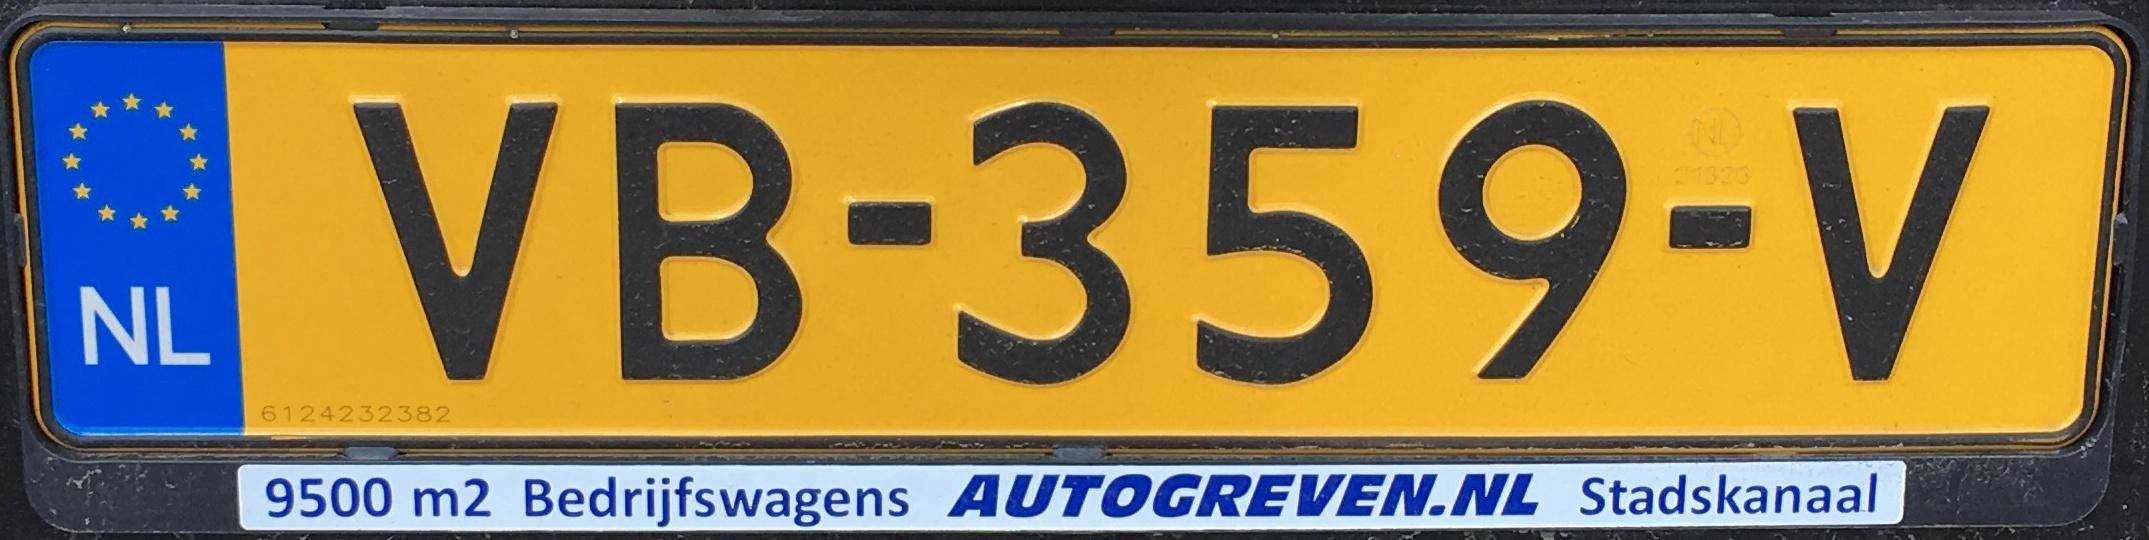 Nizozemská registrační značka – nákladní automobily nad 3,5 tuny, foto: vlastní